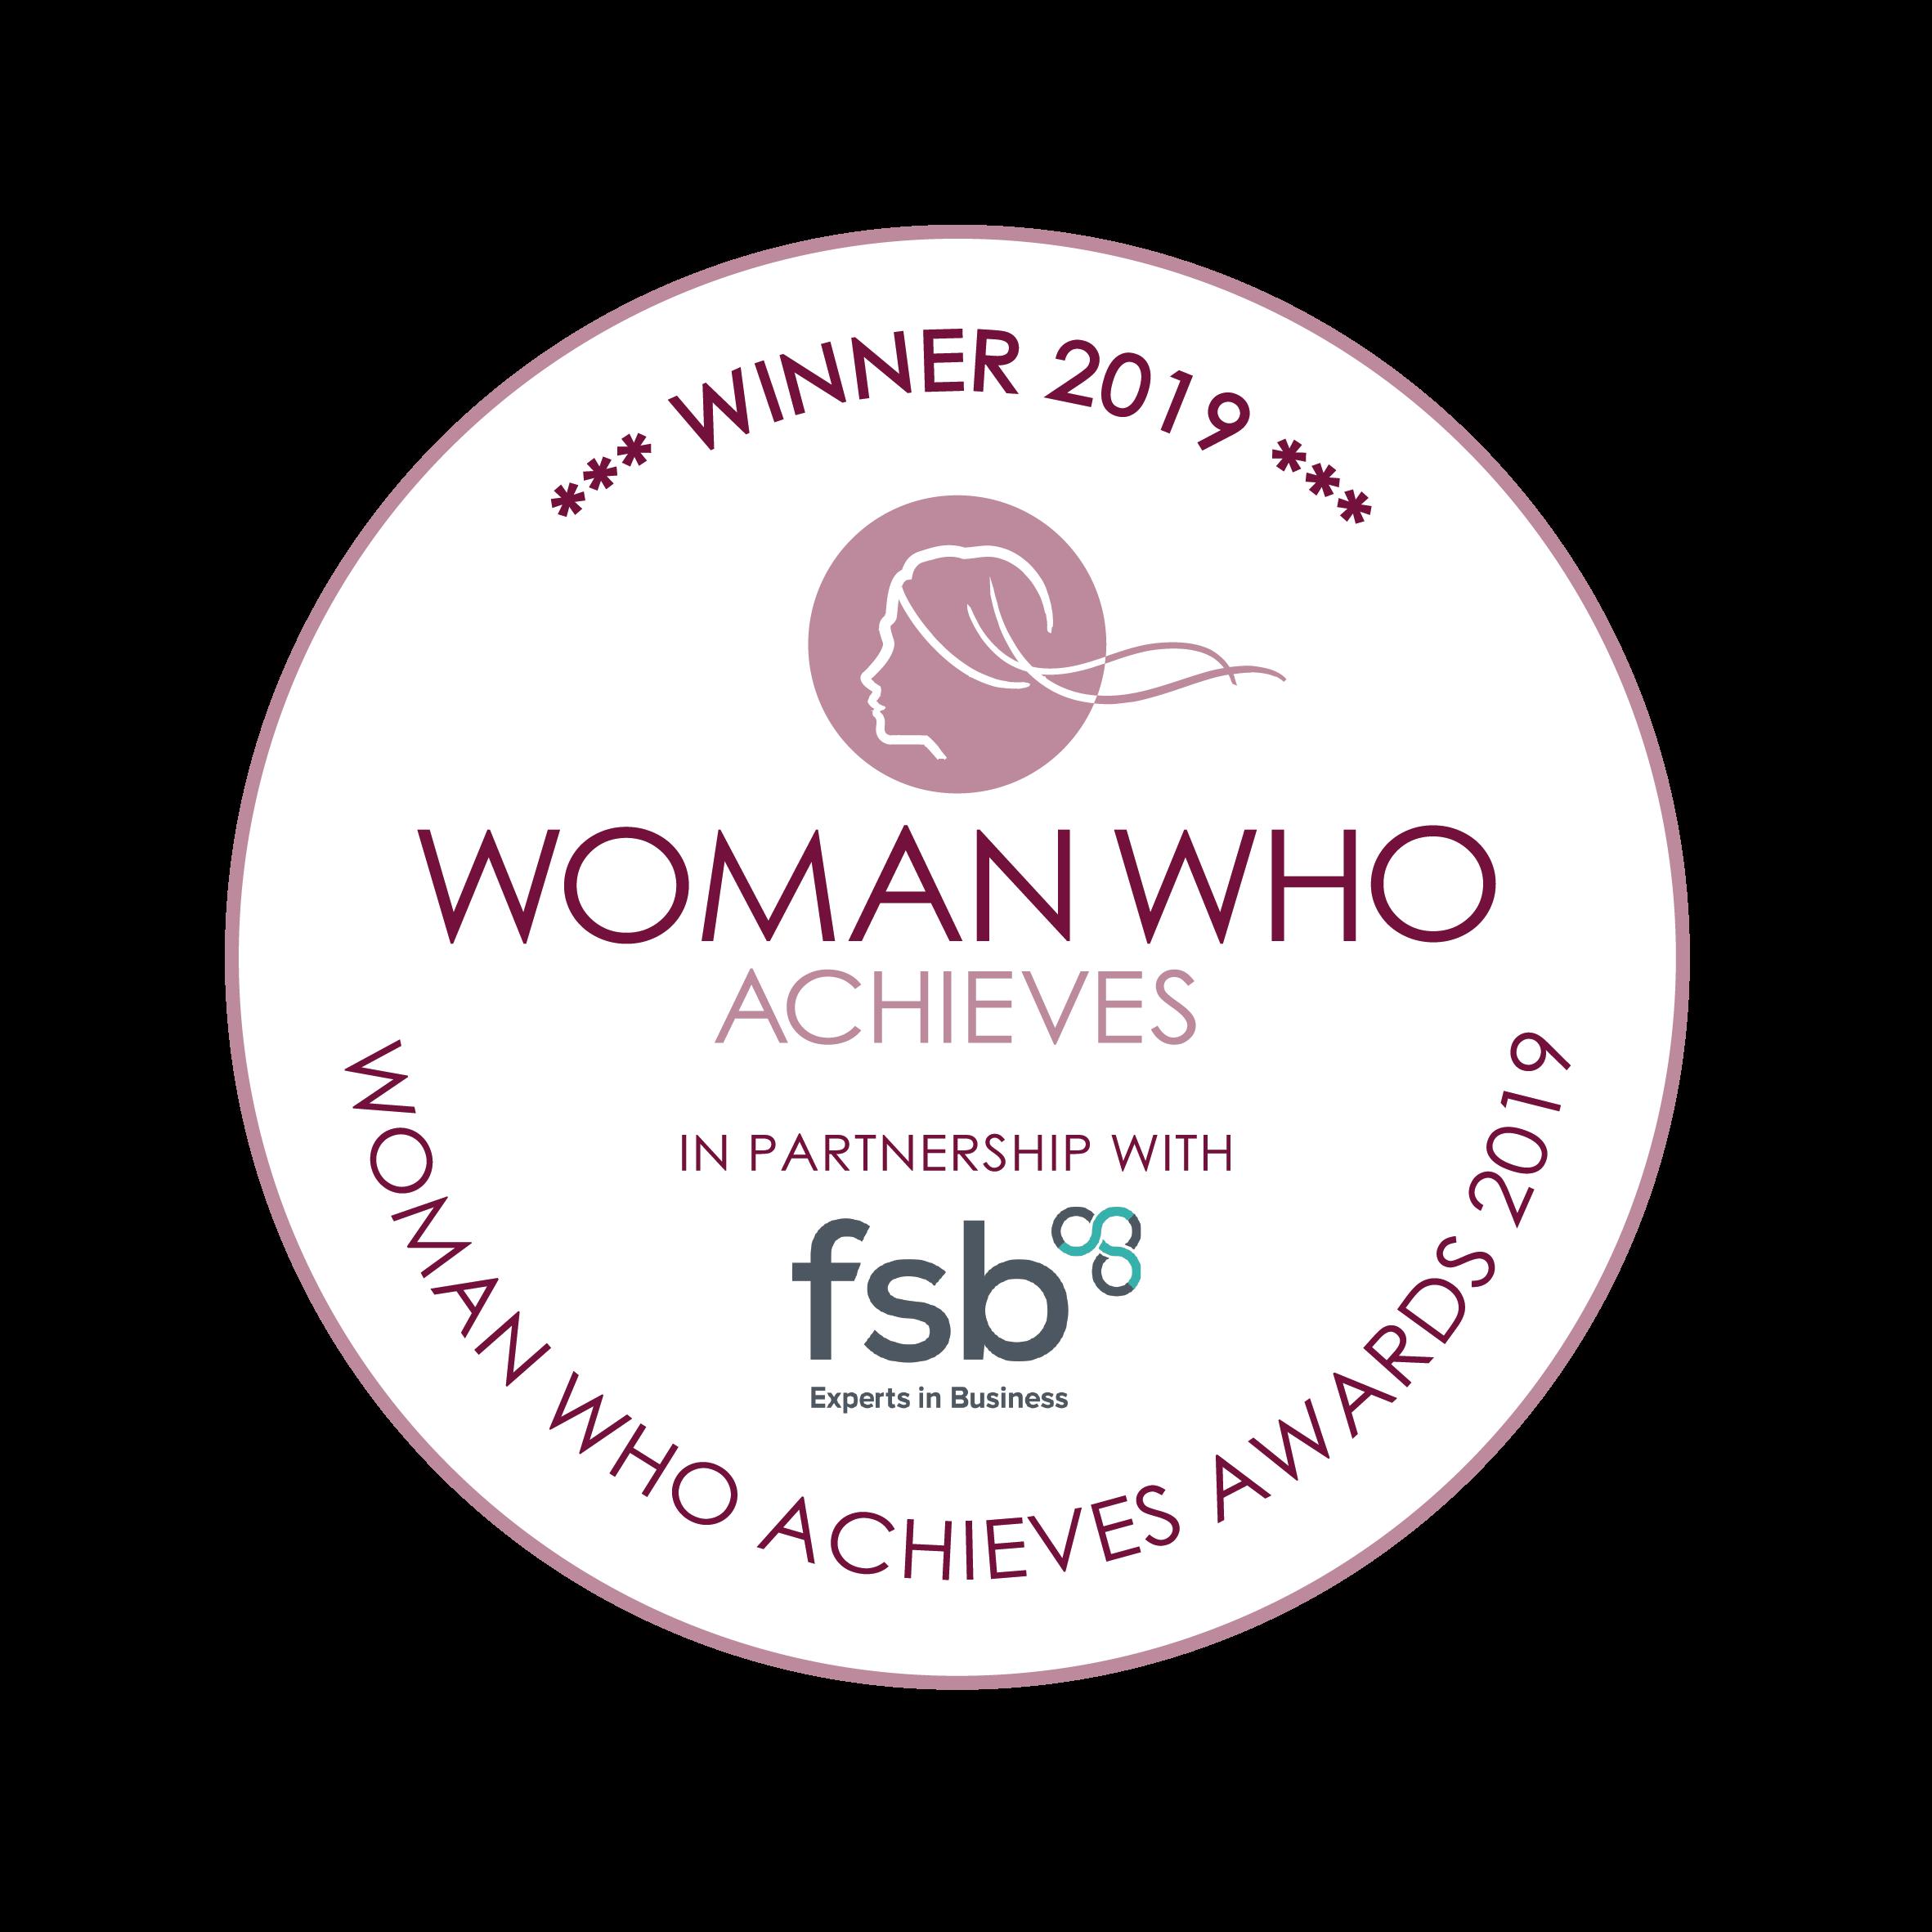 WOMAN_WHO_WINNER[1]